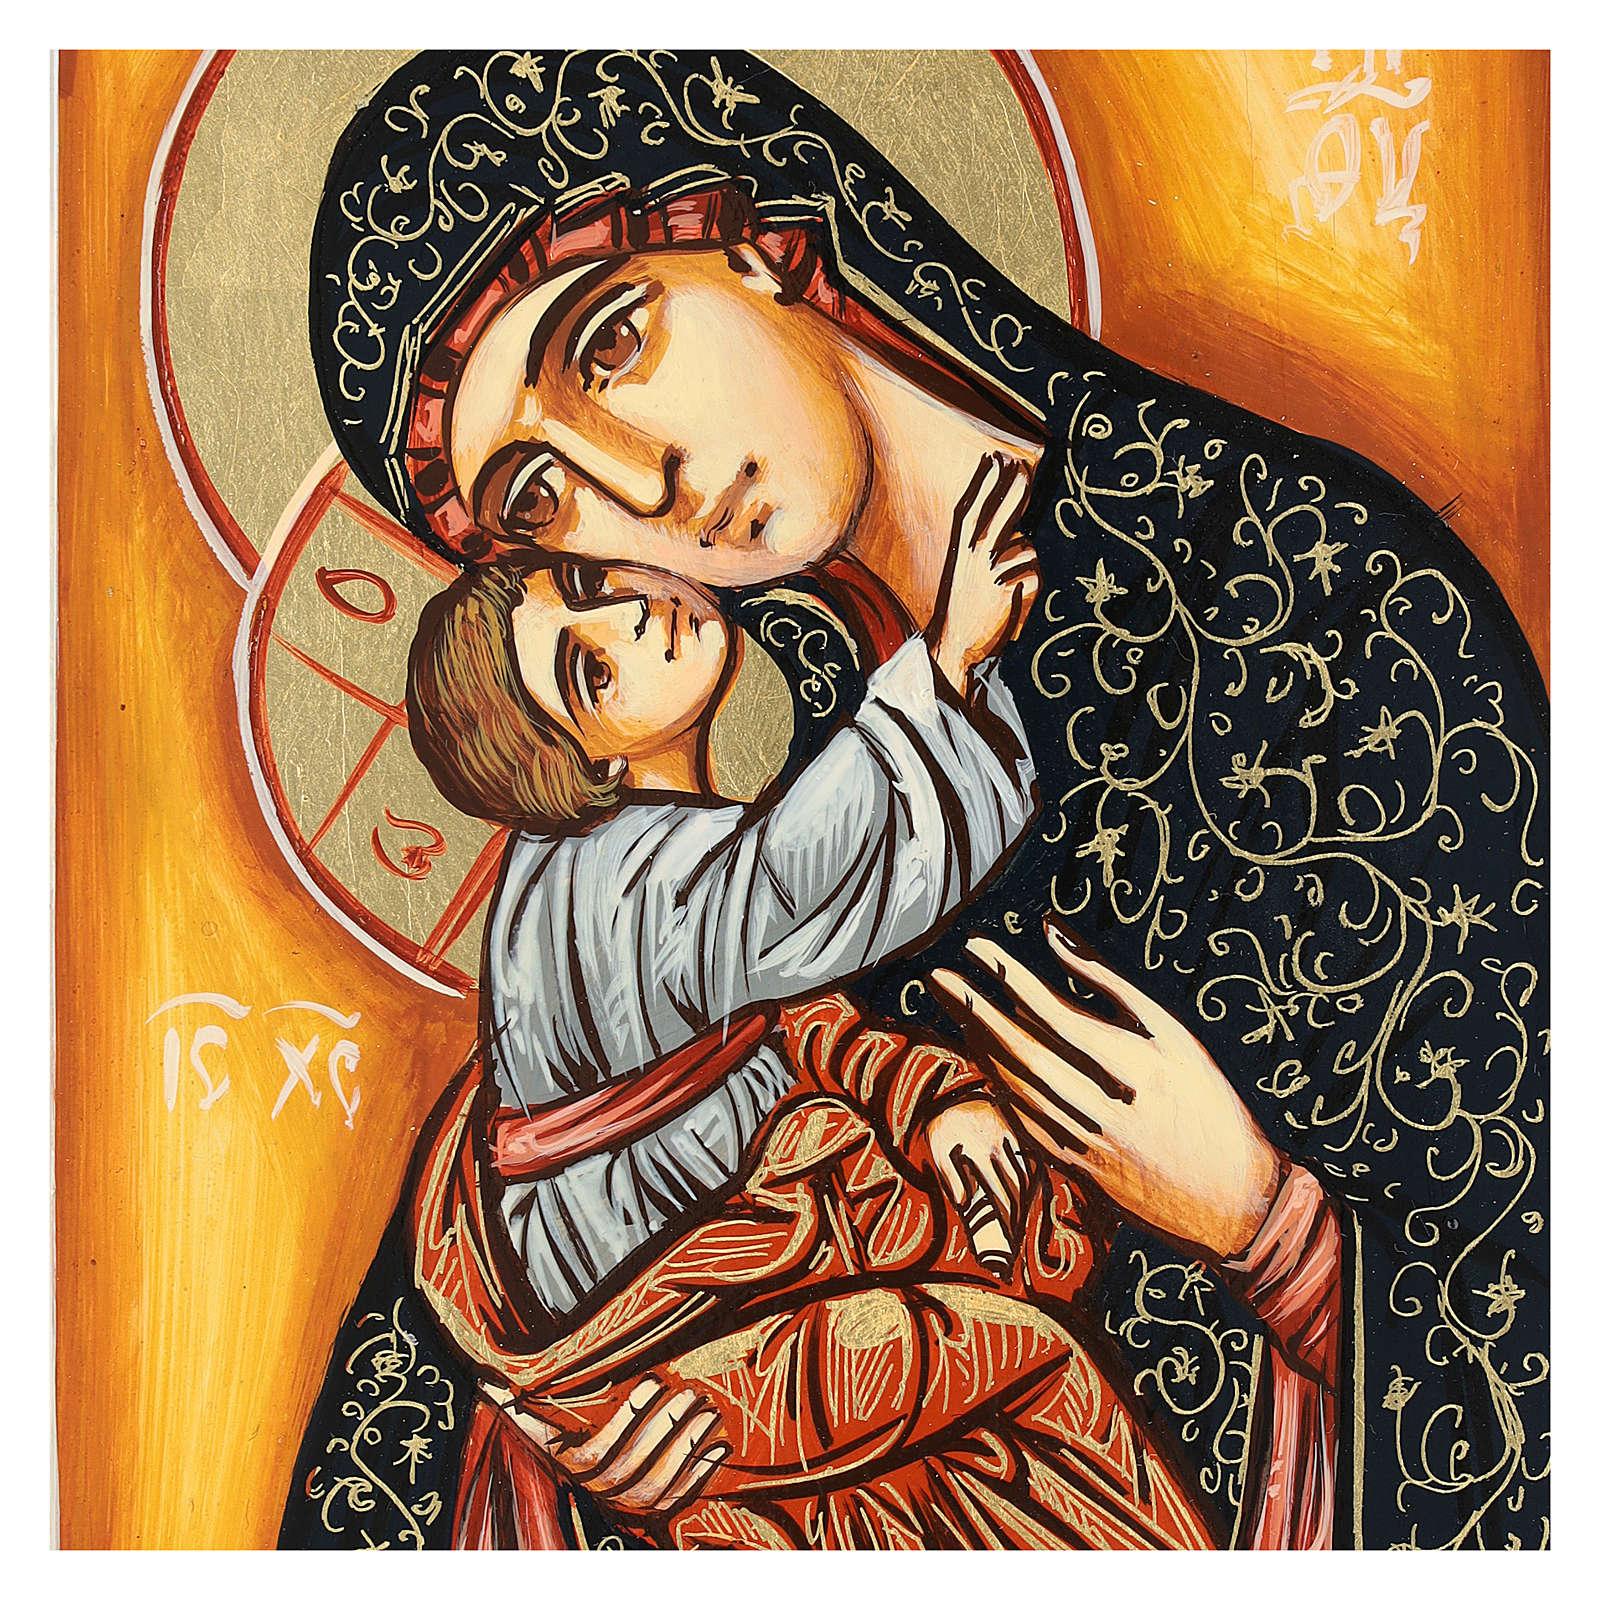 Icona Madonna Bambino sfondo arancio Romania 22x18 cm dipinta 4